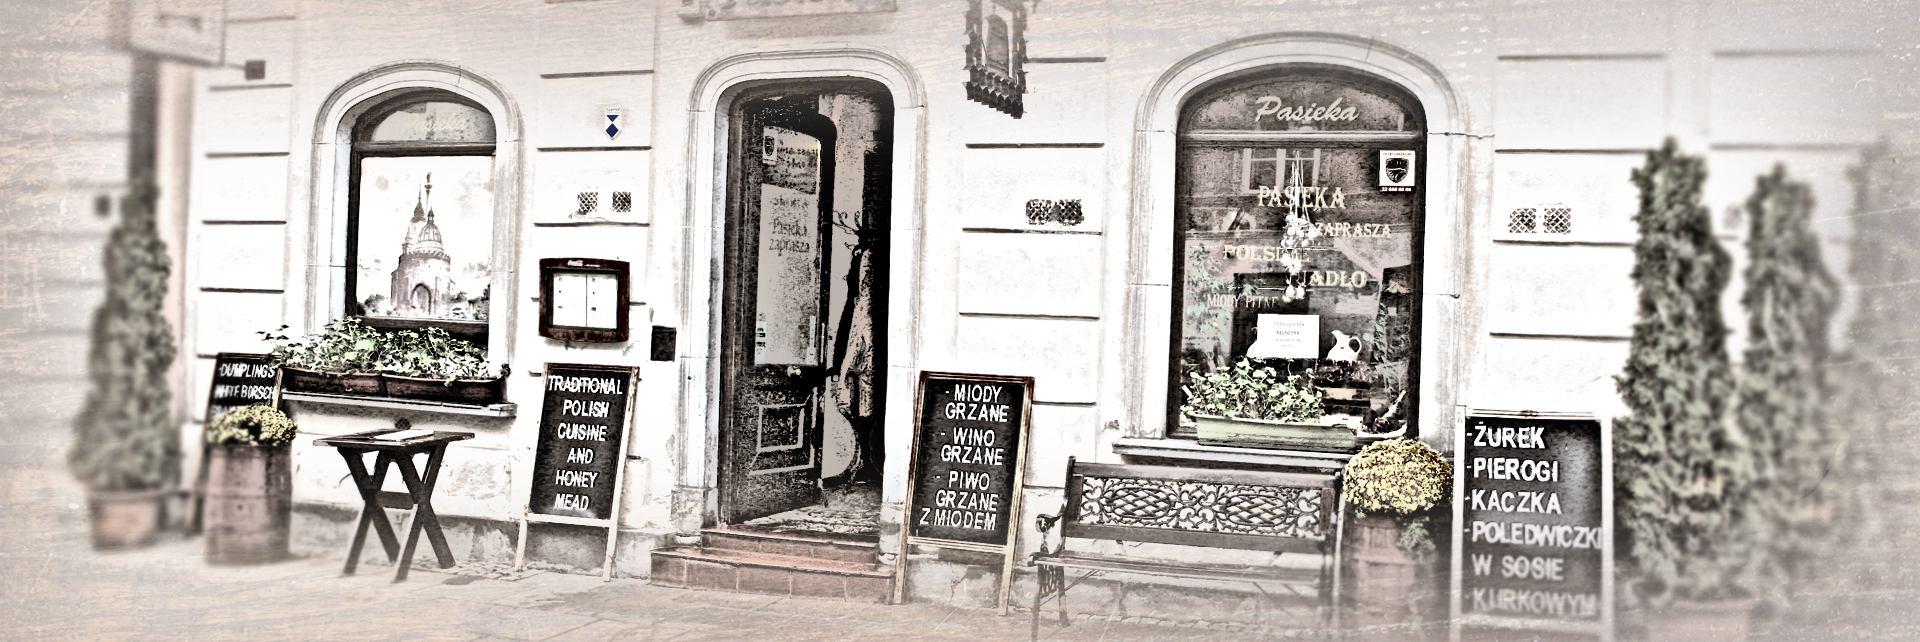 Restauracja Pasieka